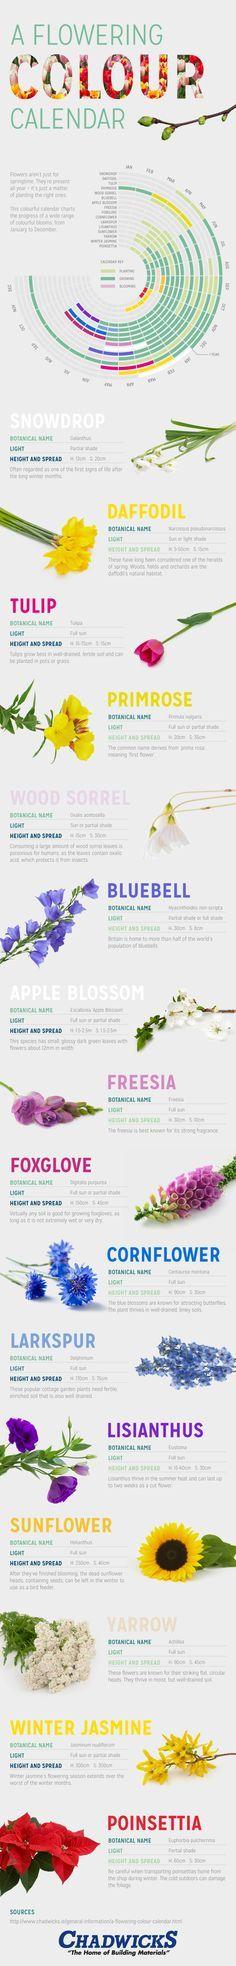 kleurrijke bloementuin het hele jaar rond